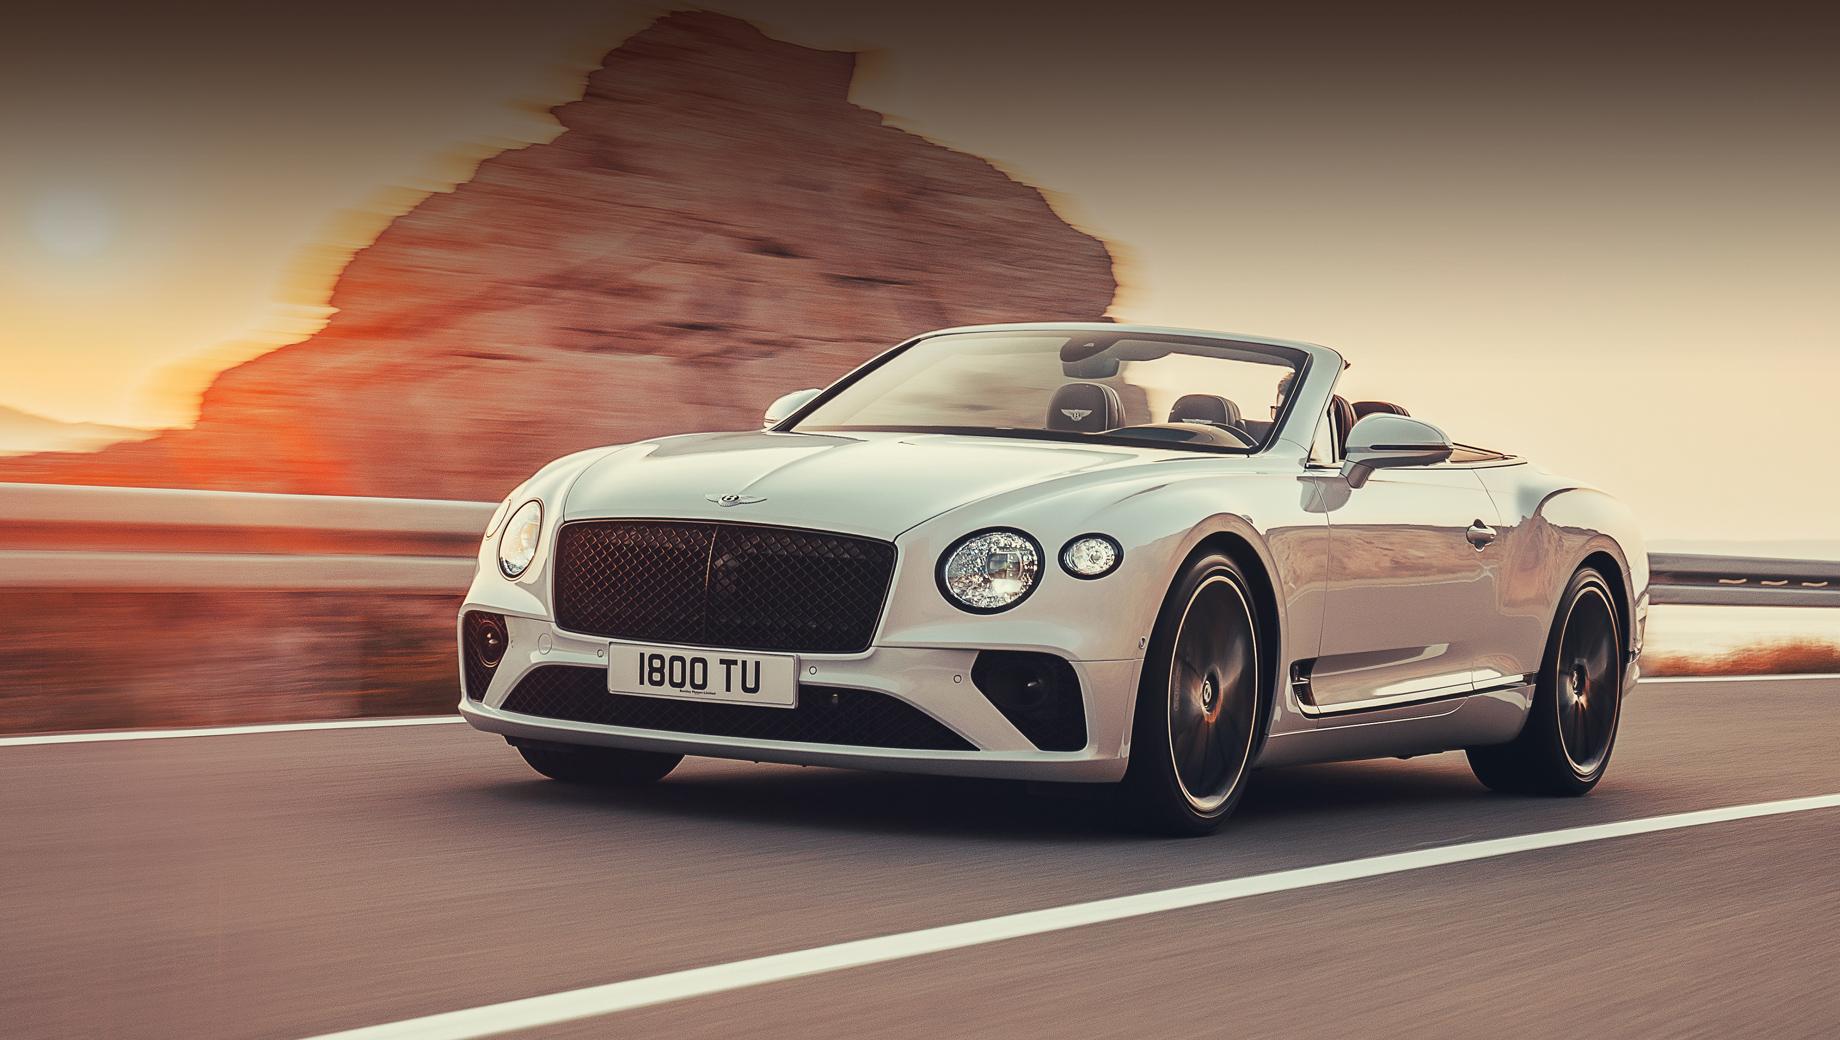 Bentley continental gt,Bentley continental gtc. Коды VIN автомобилей, подлежащих ремонту, можно скачать со страницы отзыва на сайте Росстандарта.